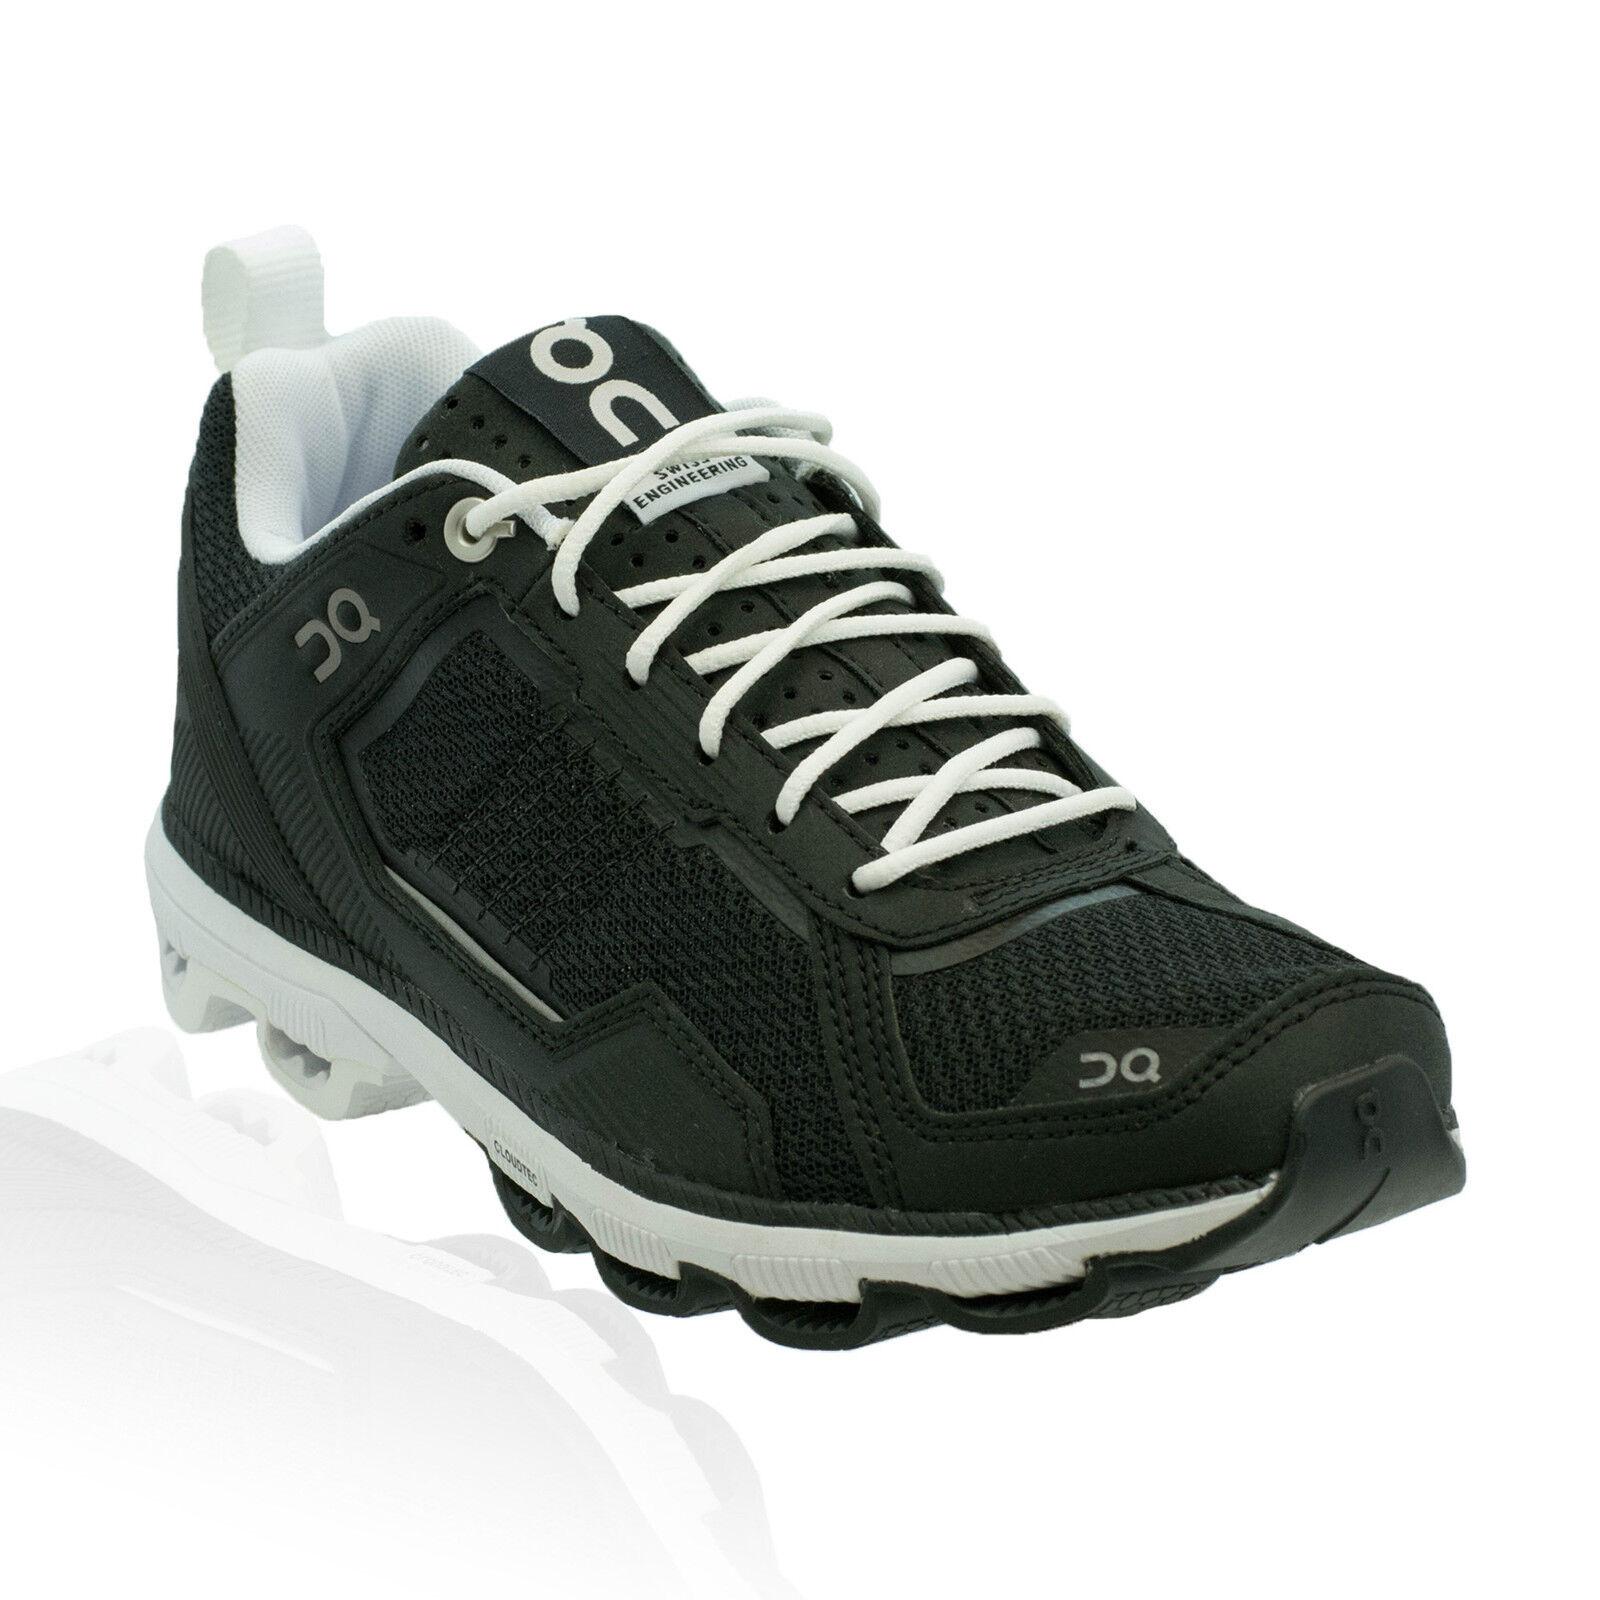 On Cloudrunner Running scarpe, Donna  Dimensiones 10.5-11 Medium, Medium, Medium, nero bianca, NEW  e014e0